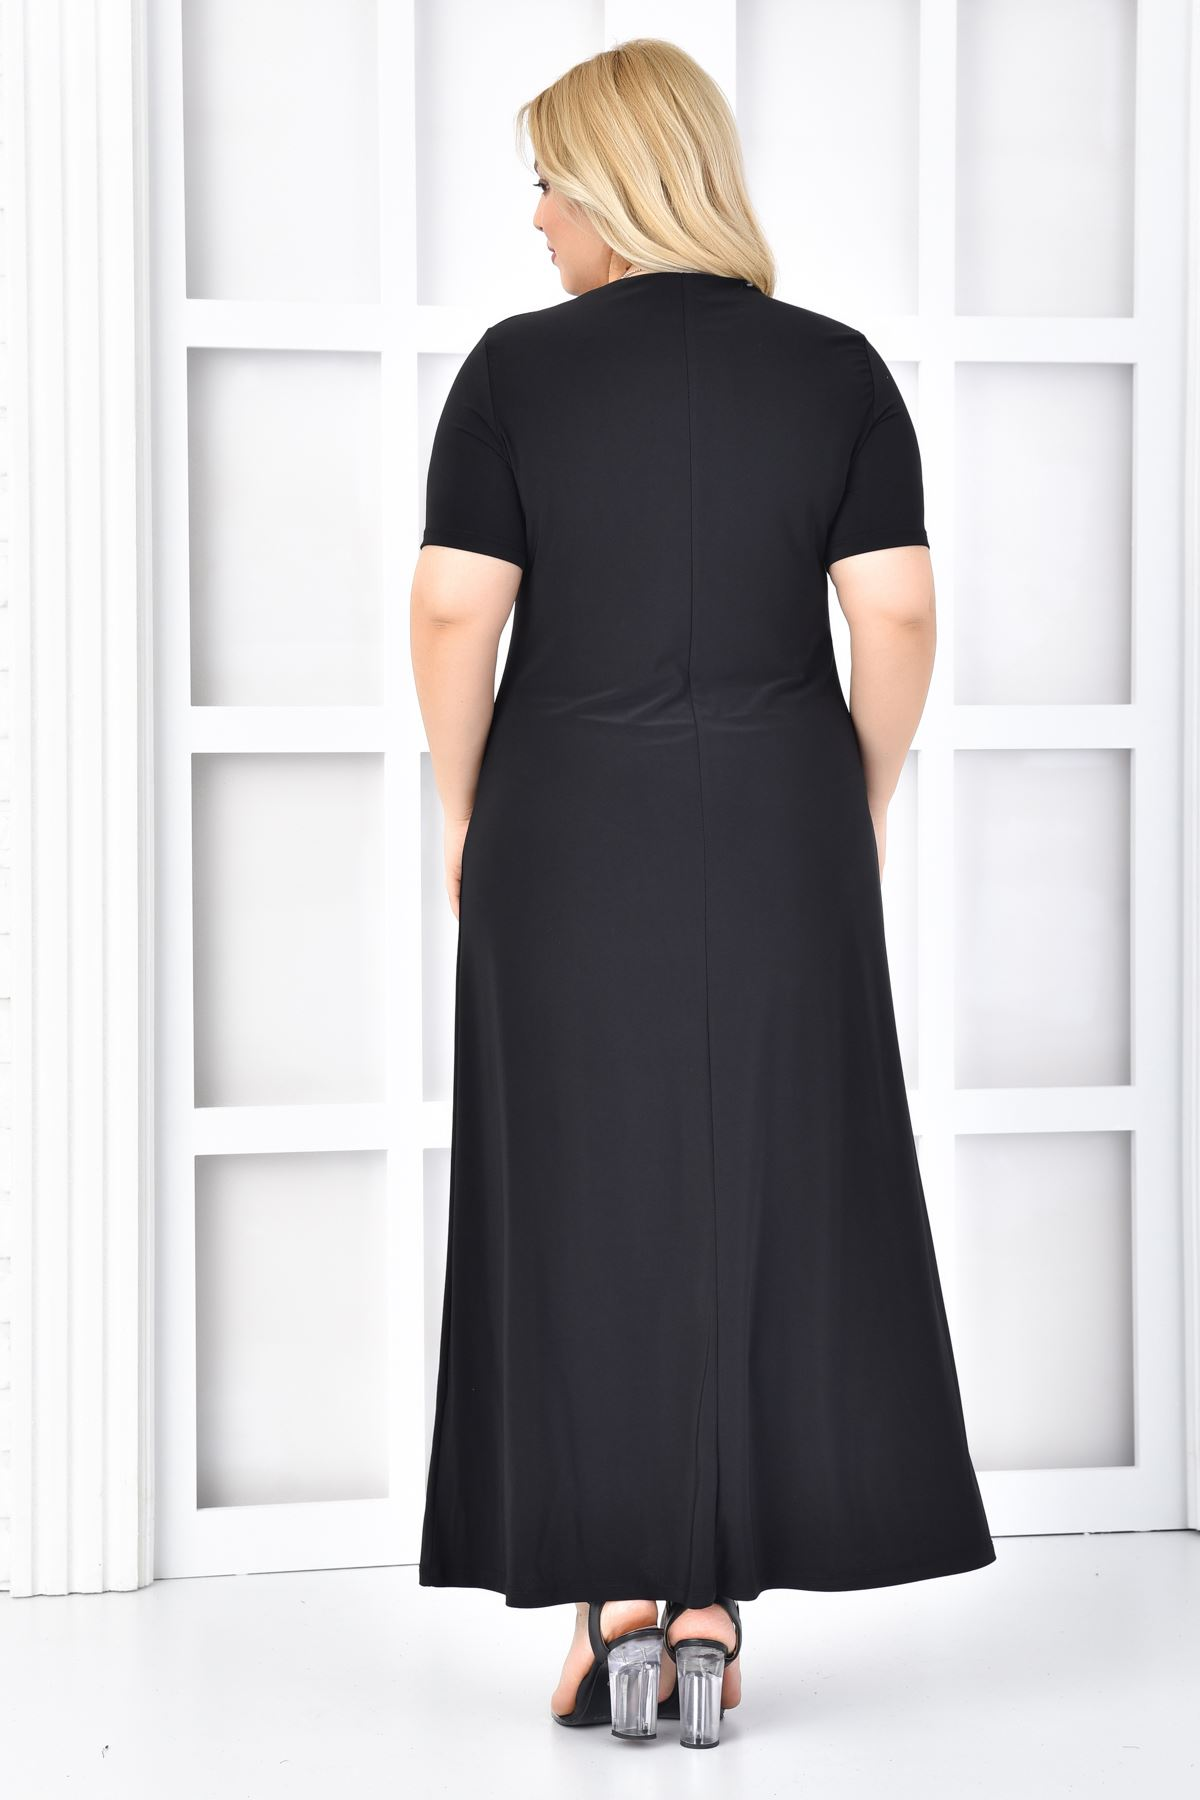 Kadın Siyah Büyük Beden Elbise 2'li Takım Kelebek Desen